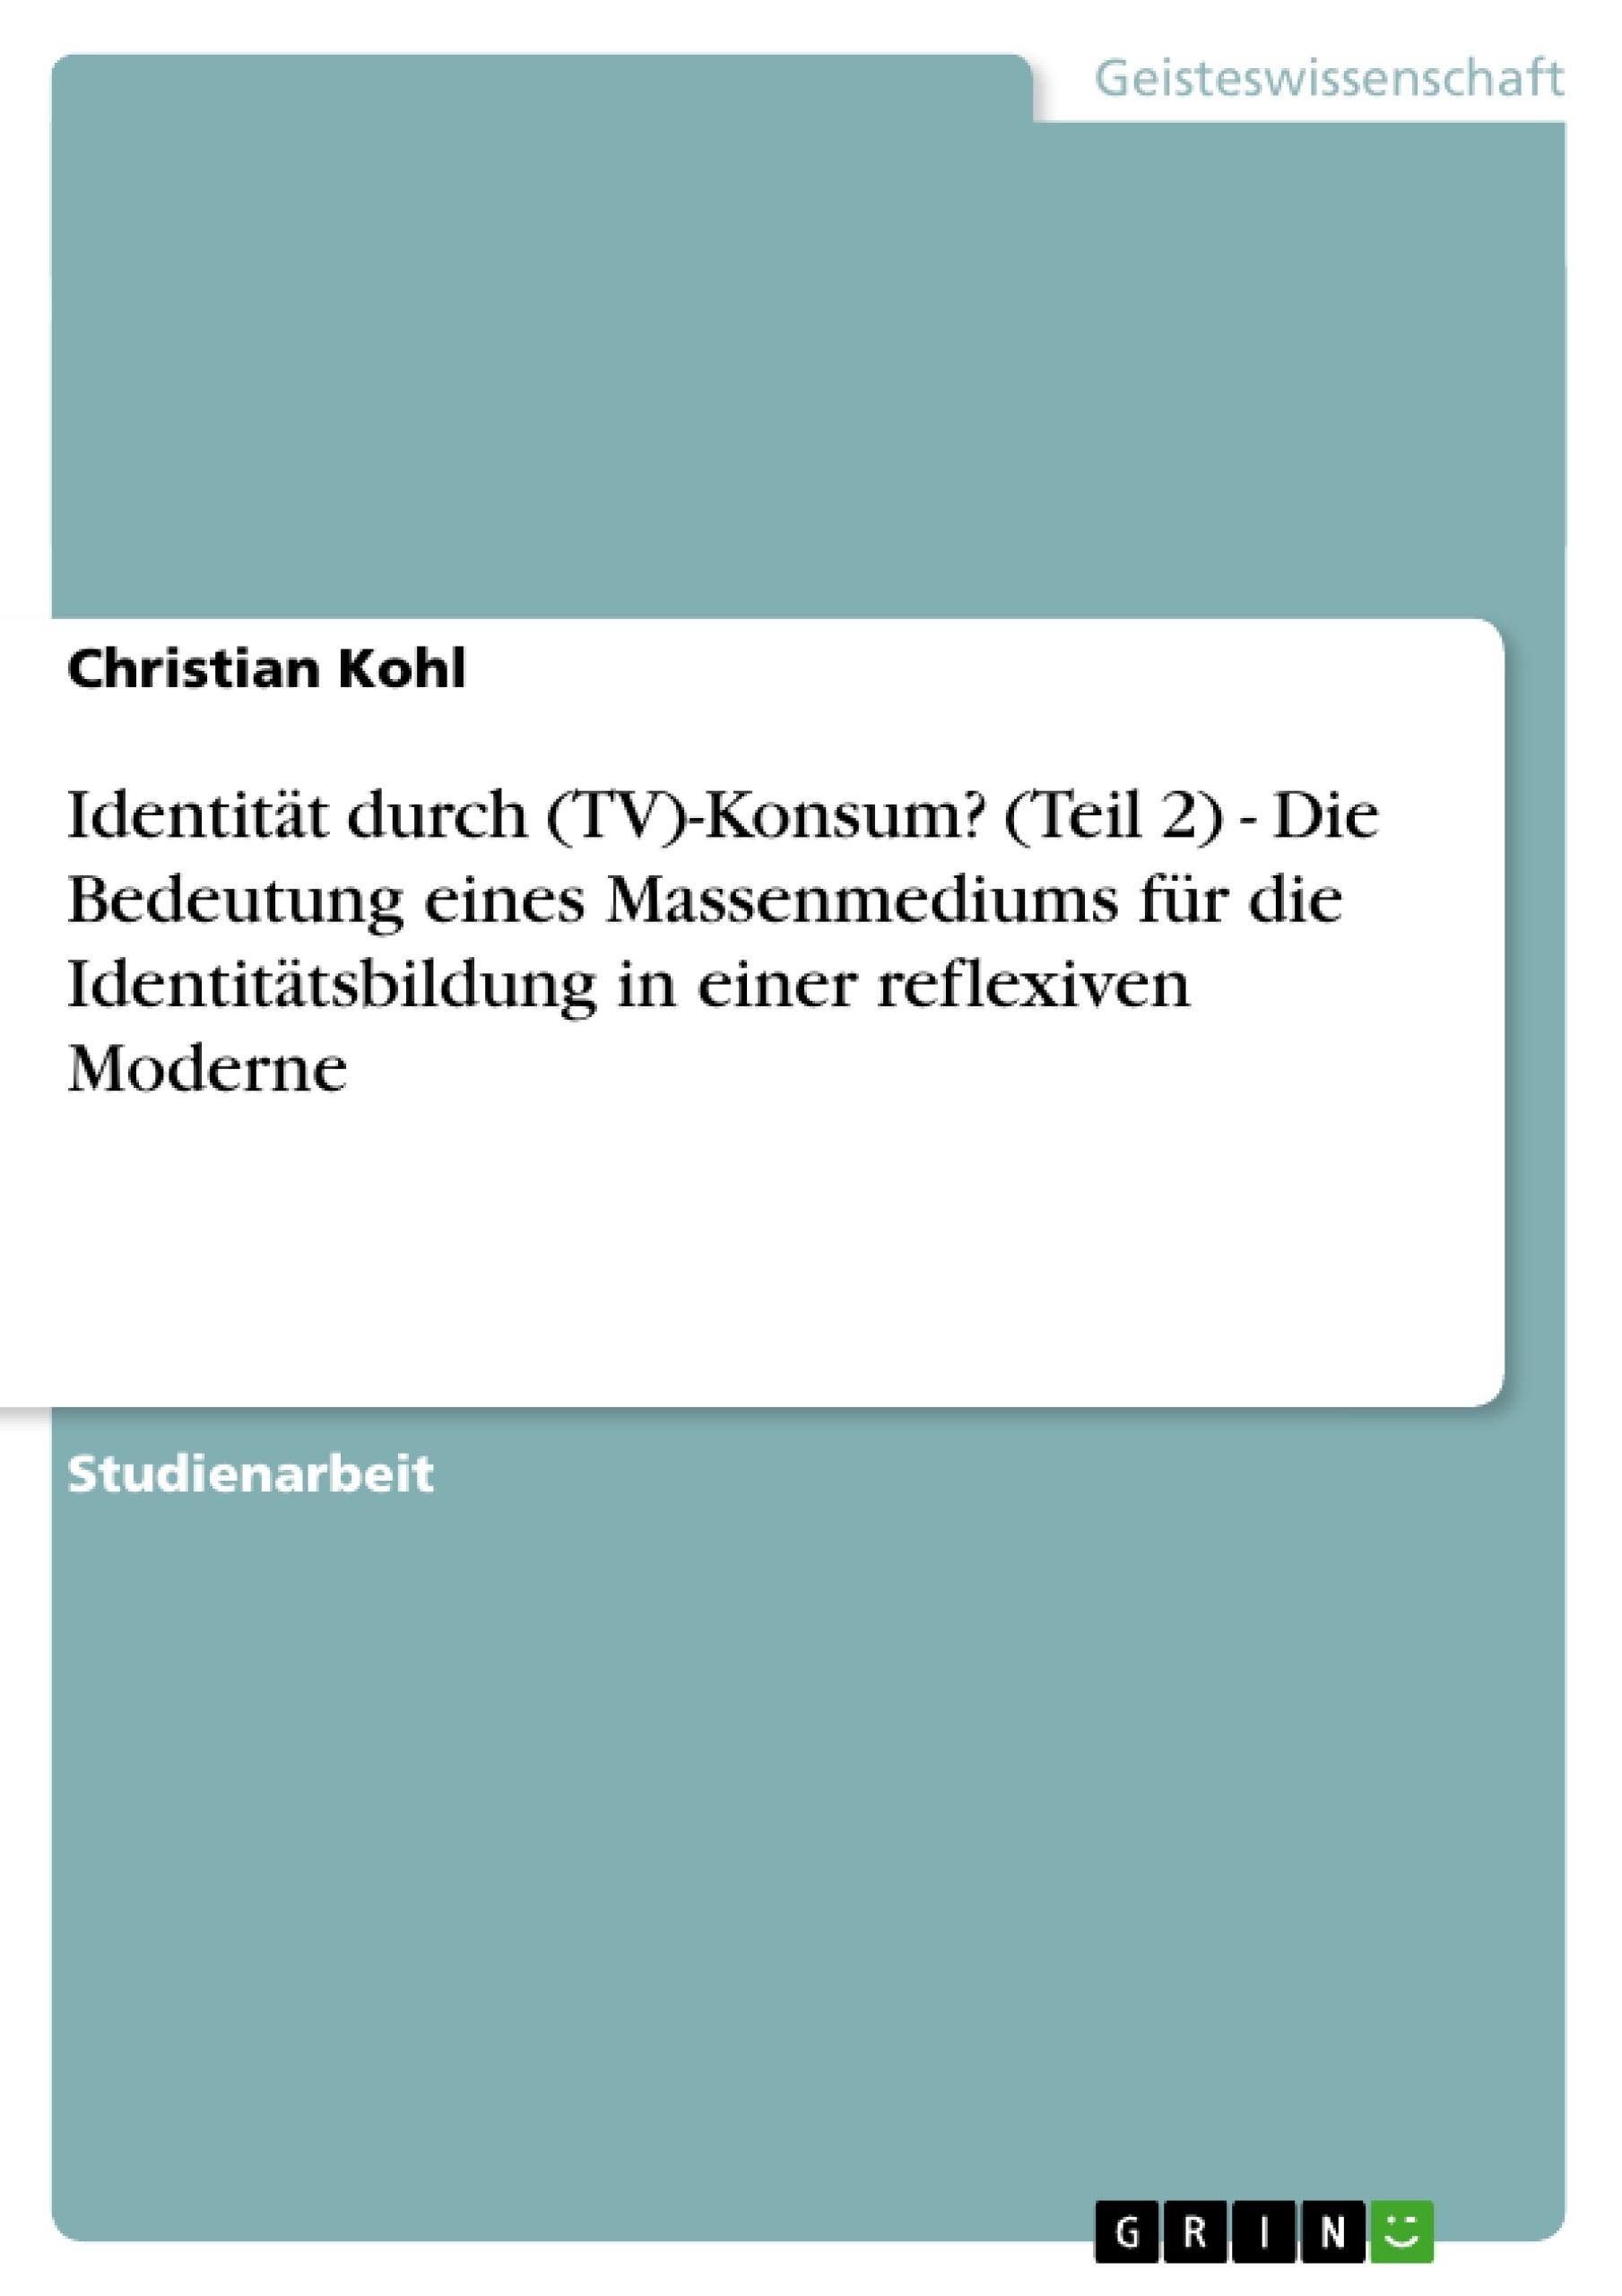 Titel: Identität durch (TV)-Konsum? (Teil 2) - Die Bedeutung eines Massenmediums für  die Identitätsbildung in einer reflexiven Moderne